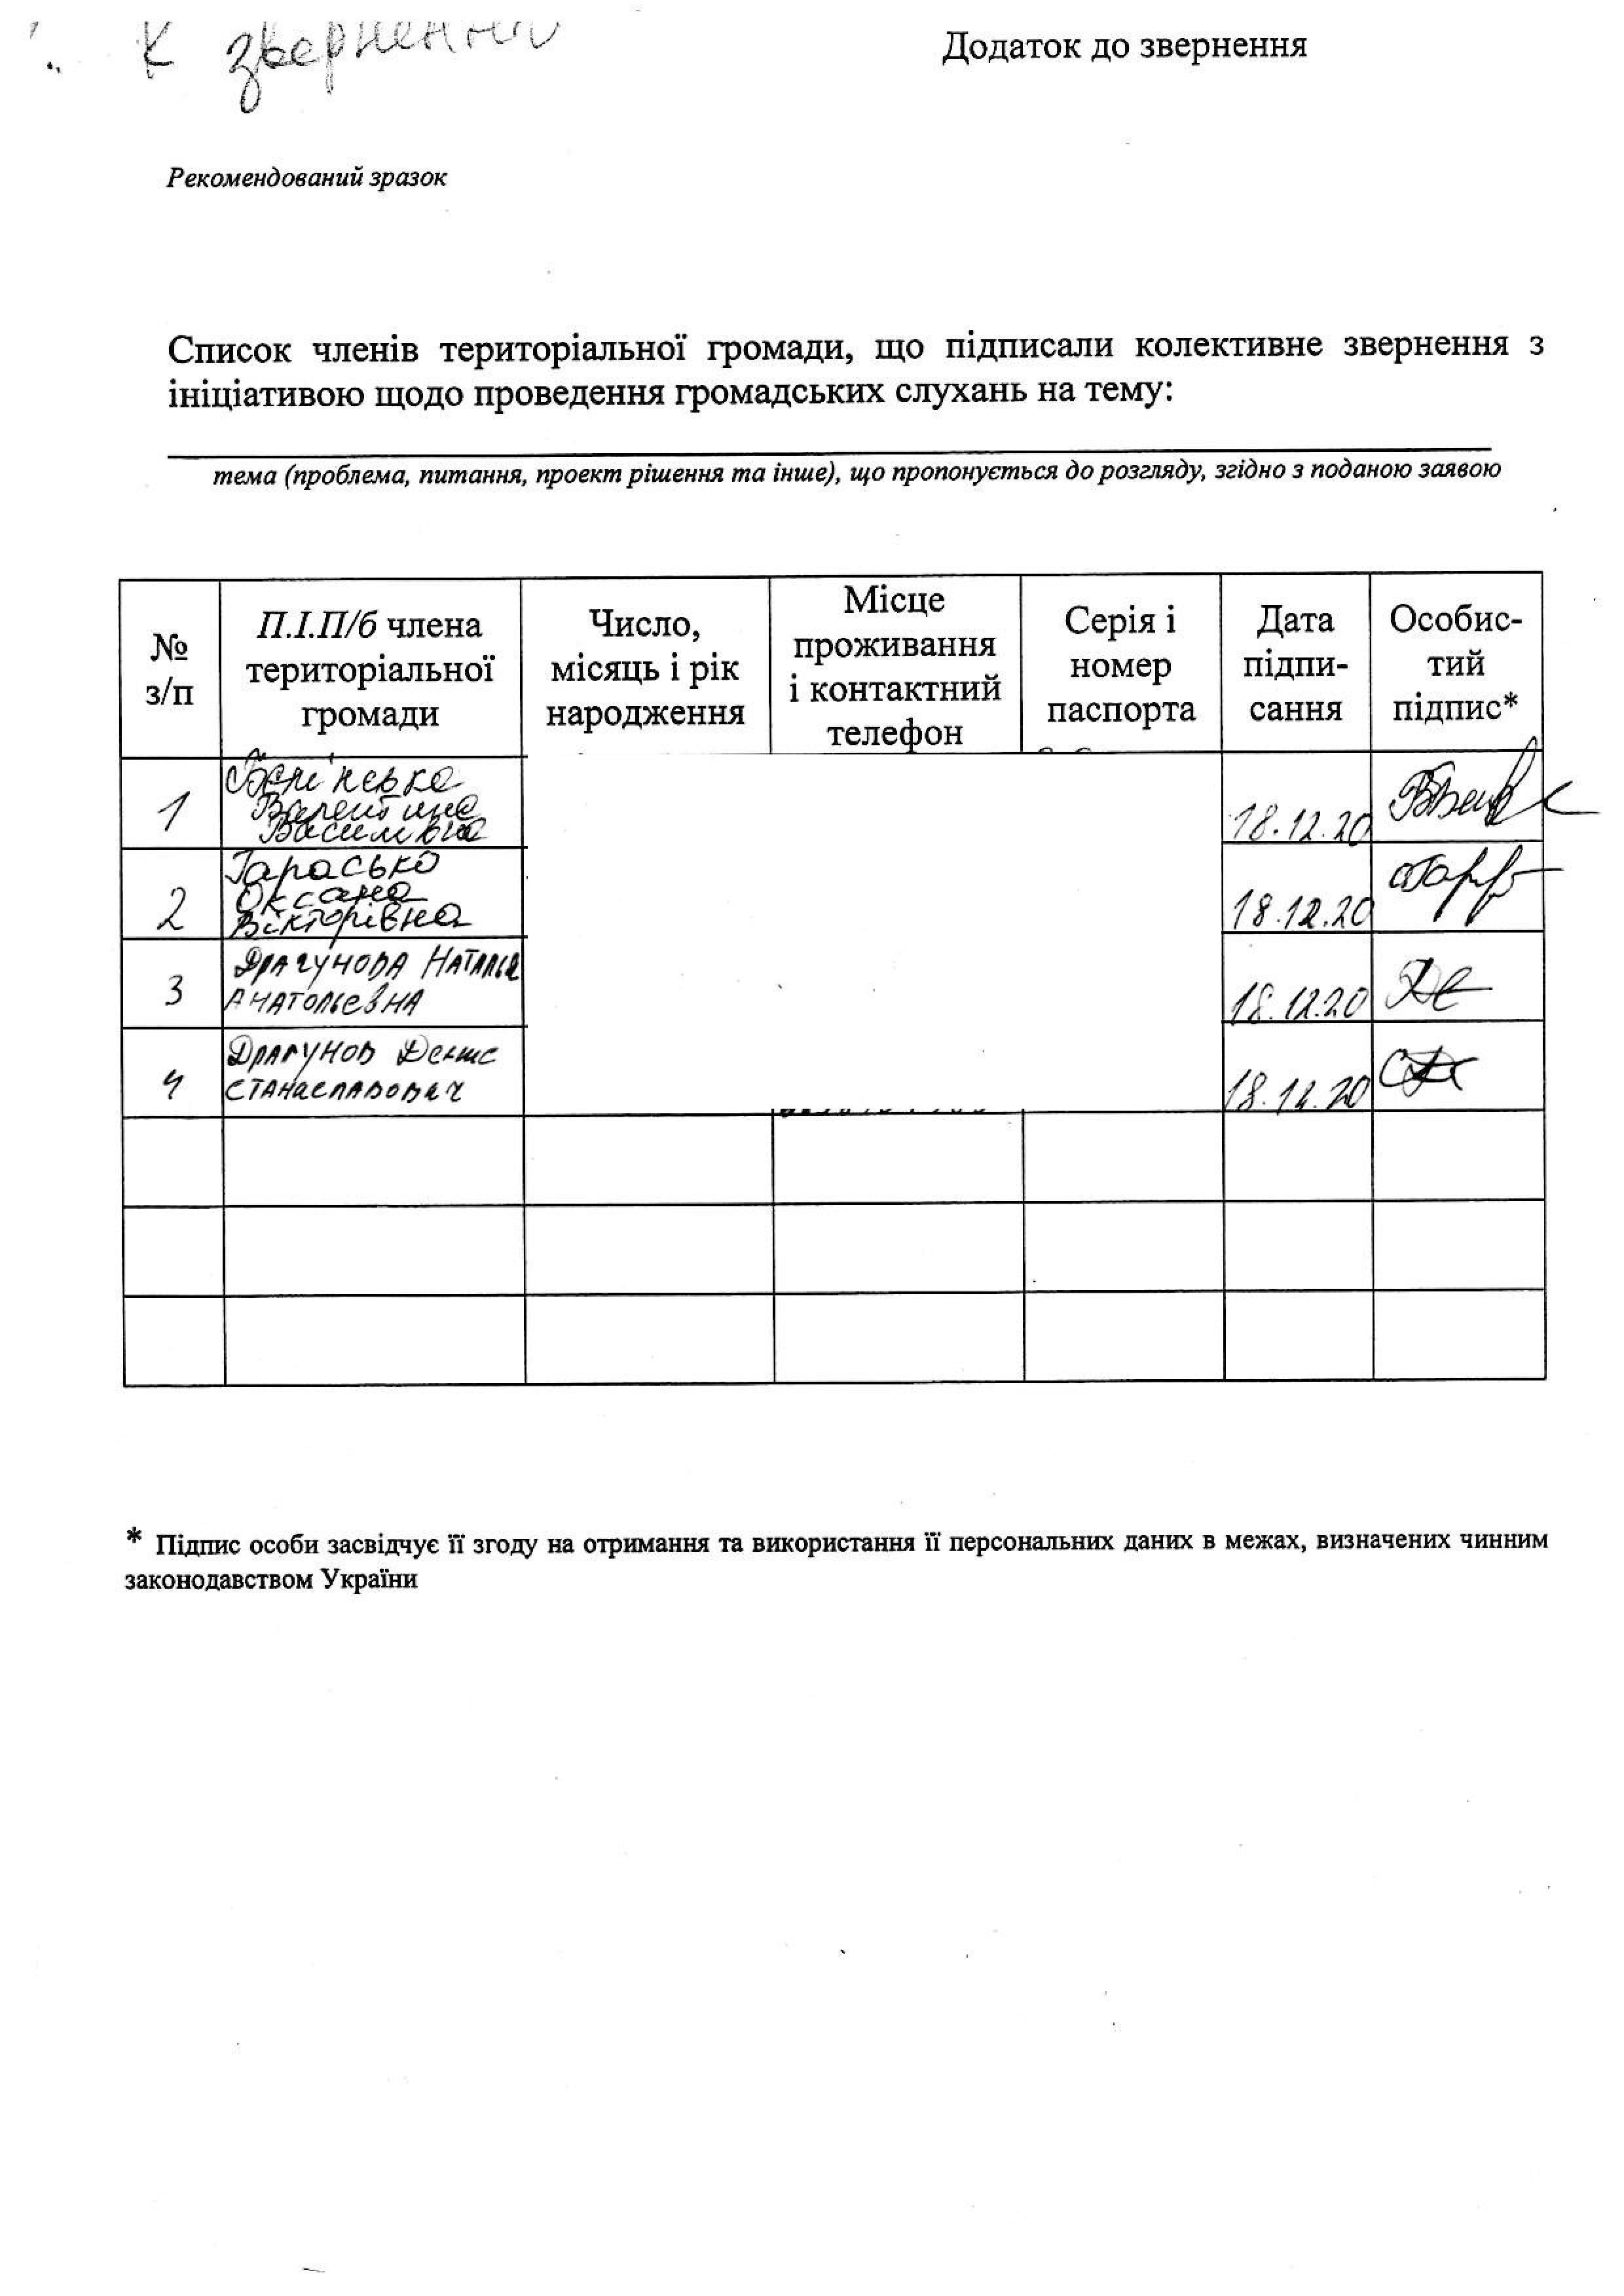 МВС України; Наказ від 28.10.2021 № 900